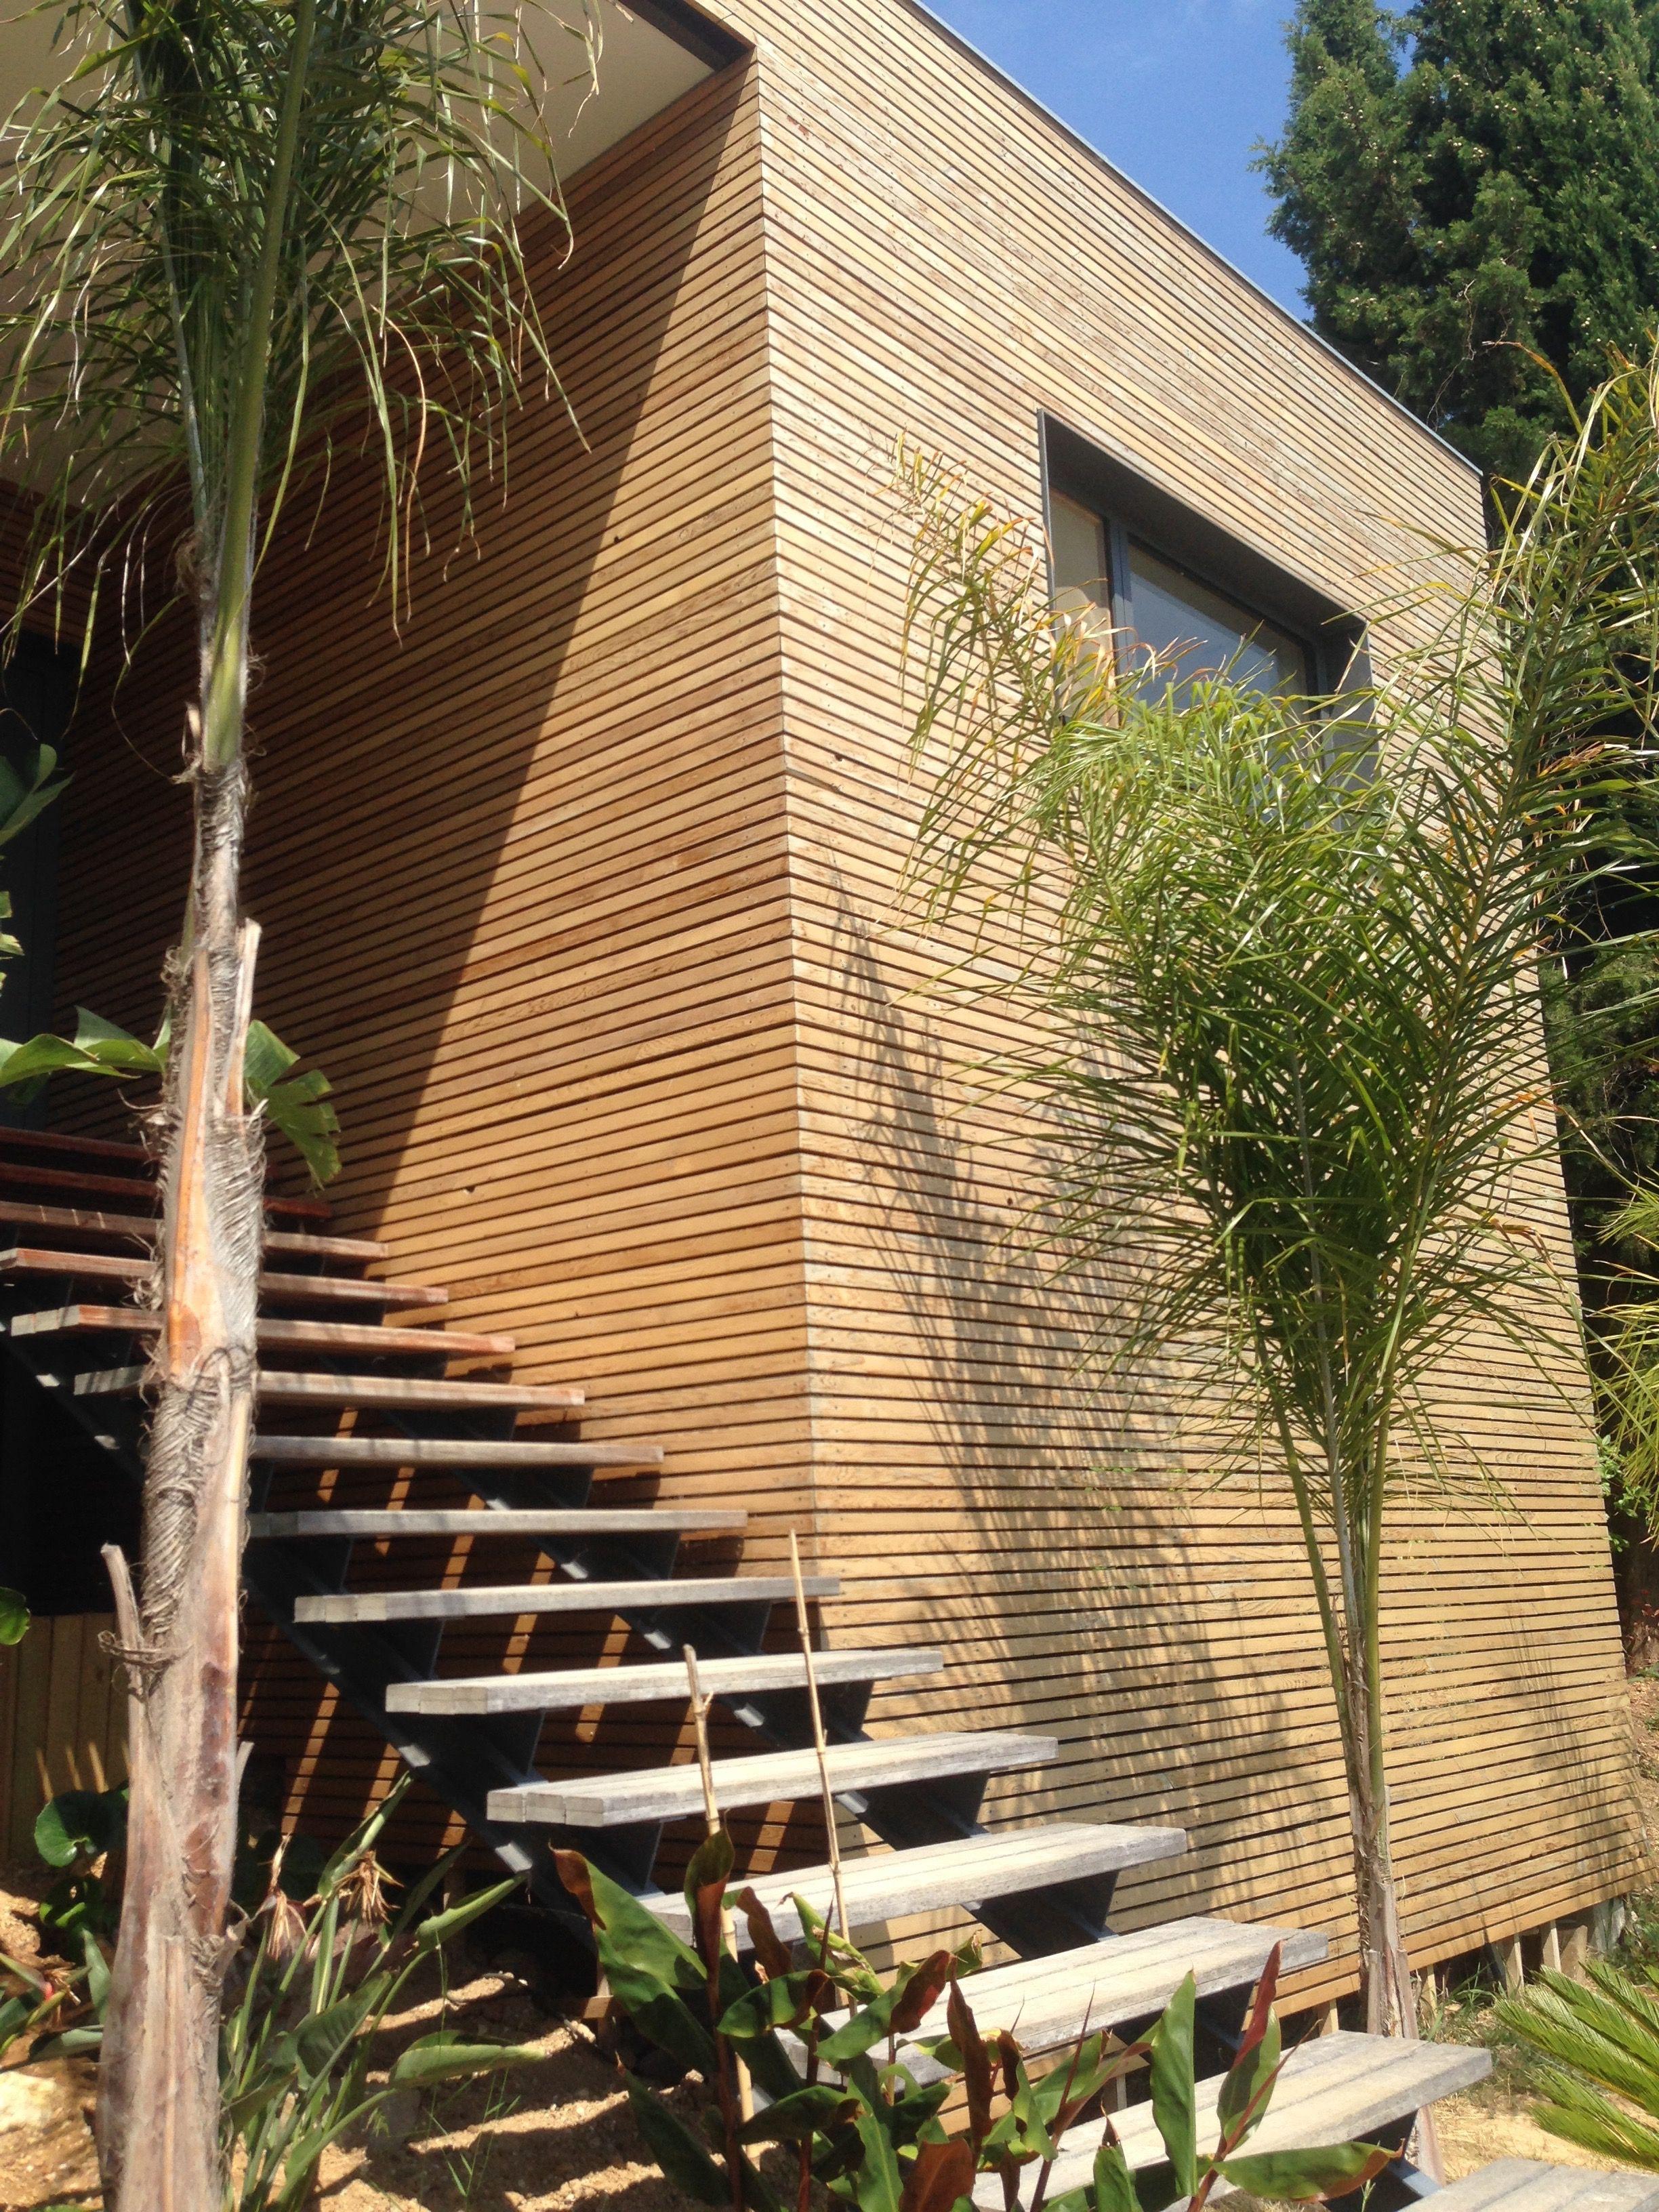 villalm f toulon var maison en ossature bois contemporaine bardage bois escalier fa ades. Black Bedroom Furniture Sets. Home Design Ideas